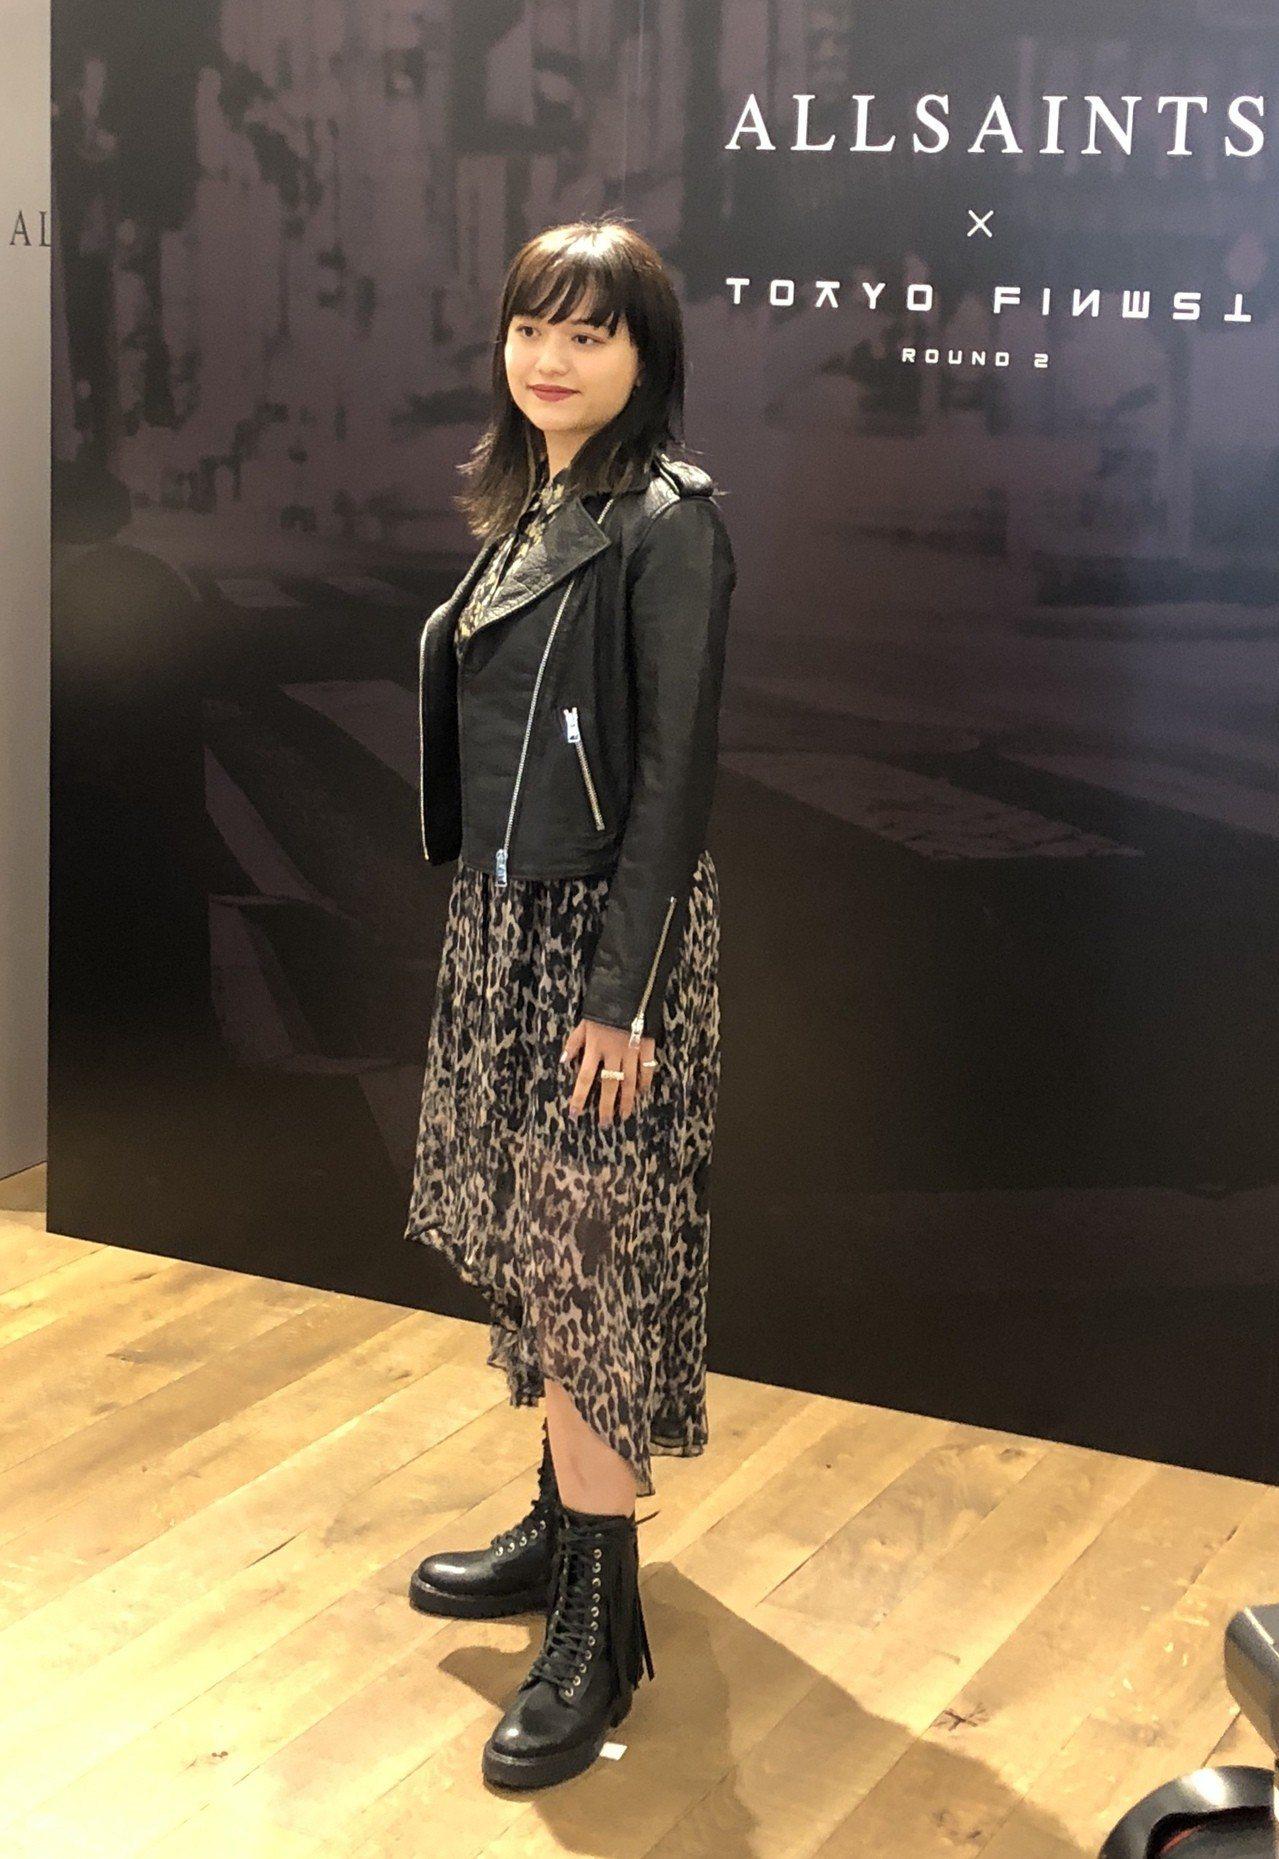 日本歌手iri受邀來台將於Tokyo Finest登場,在正式公演前於AllSa...